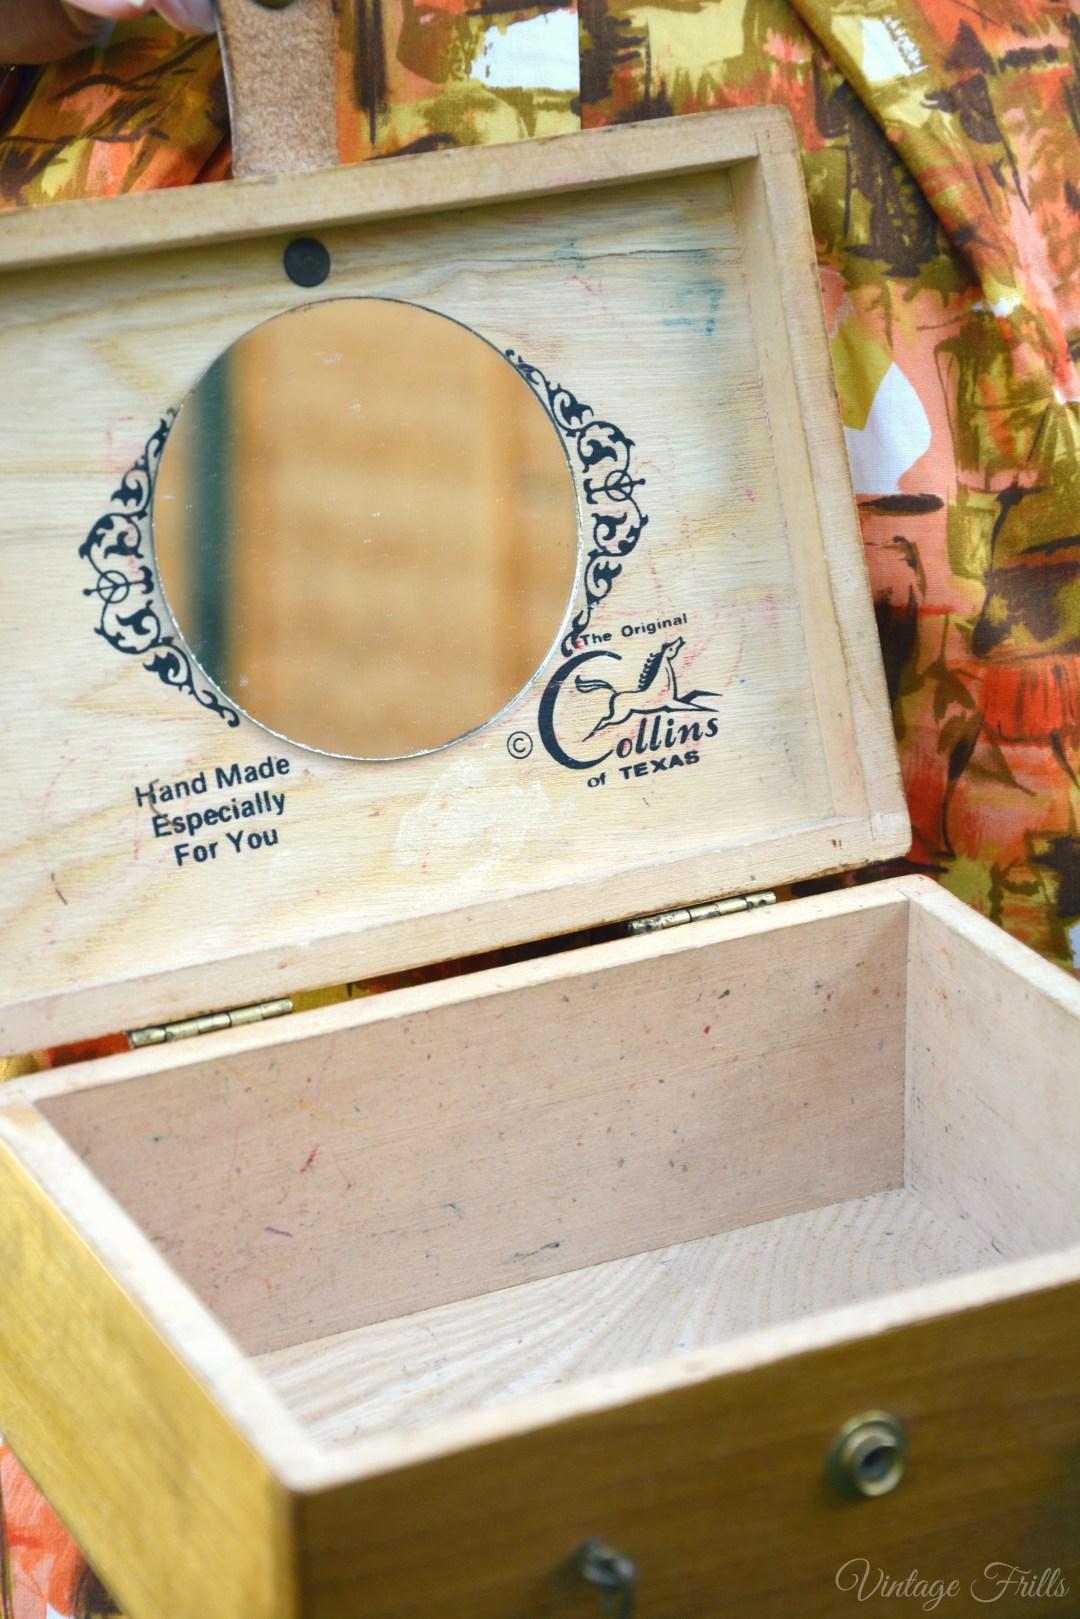 Enid Collins Box Bag Interior